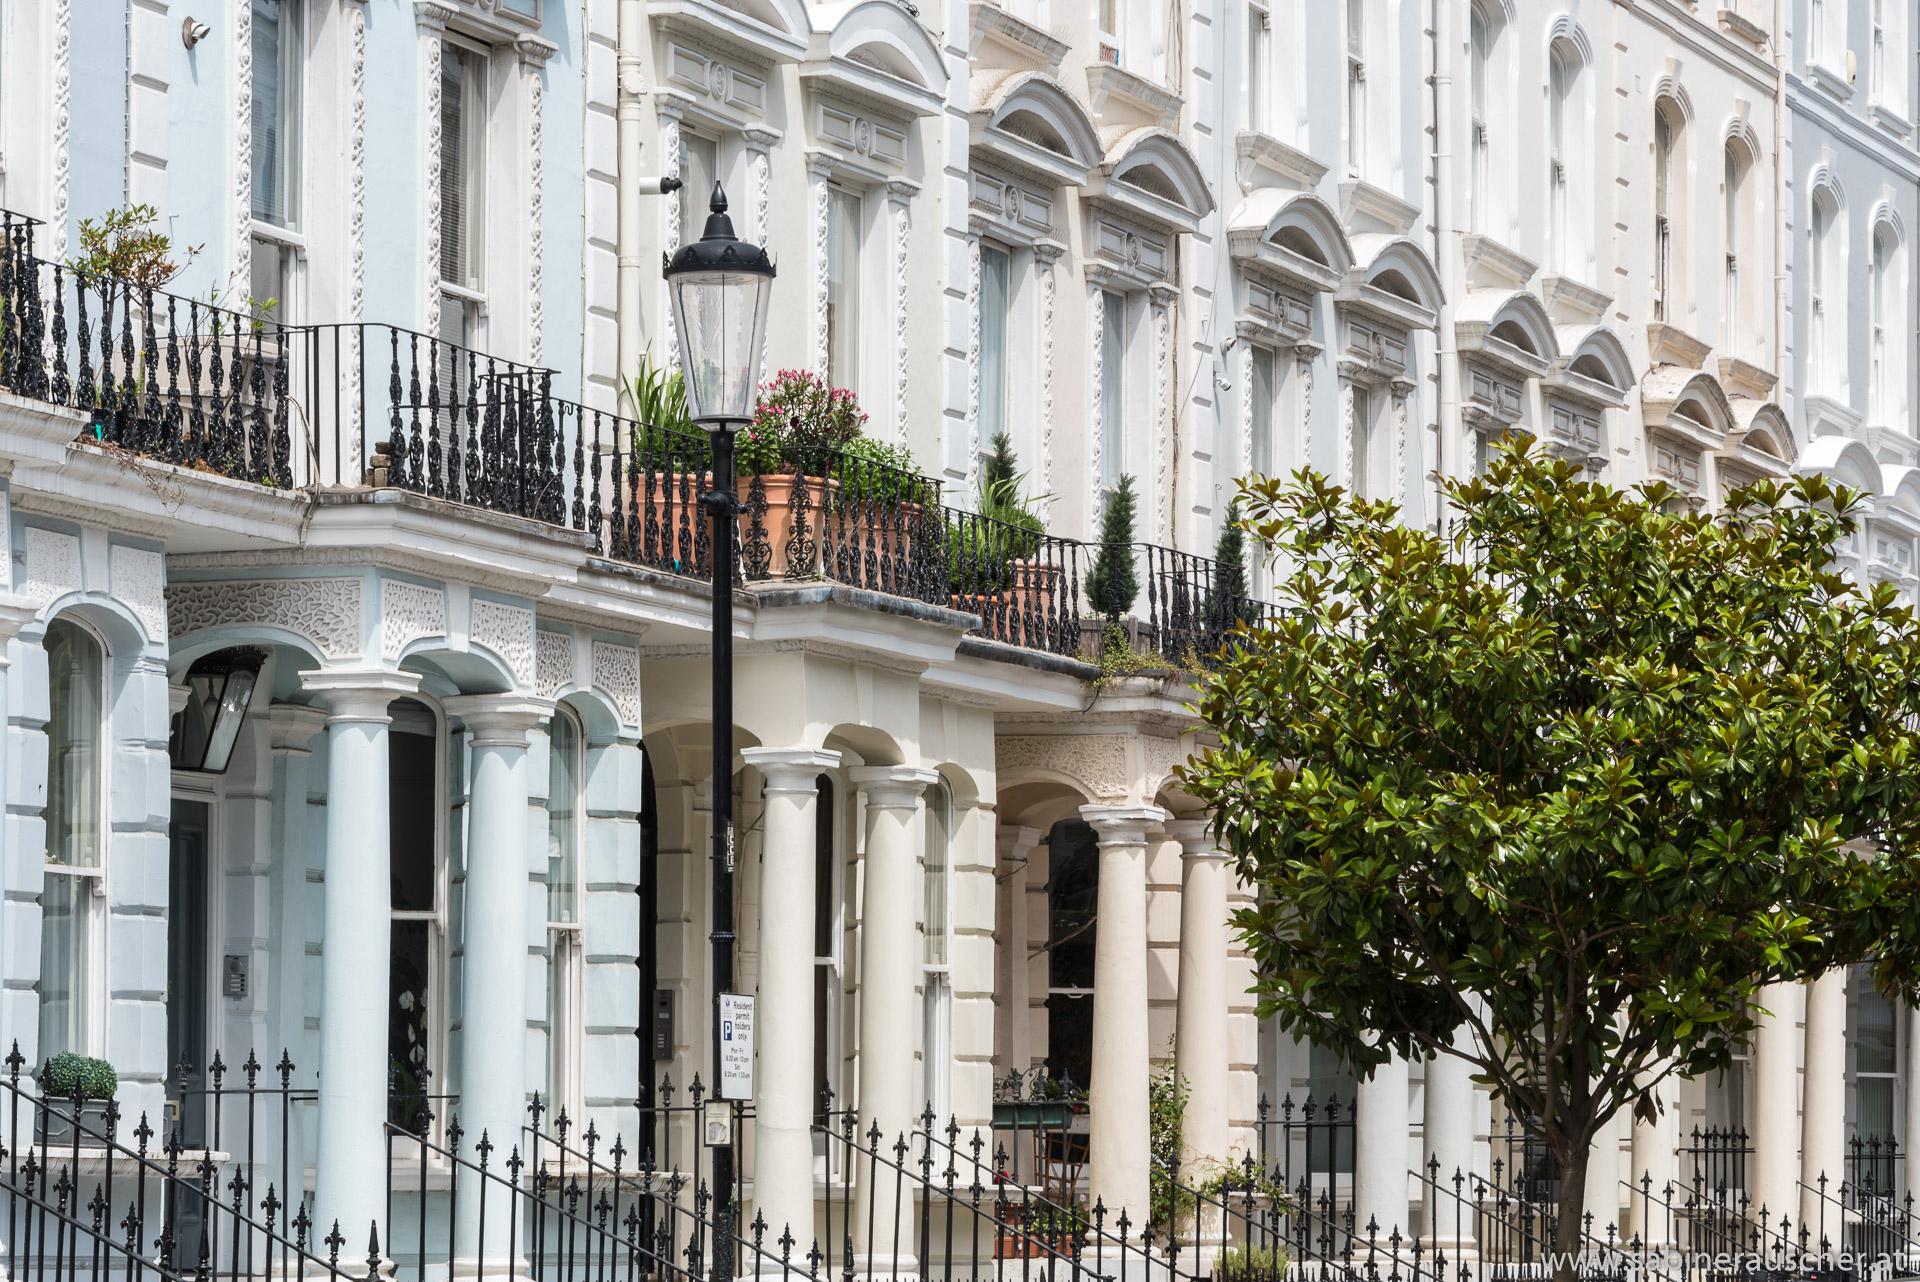 typical street in Notting Hill | typische Häuserzeile in Notting Hill